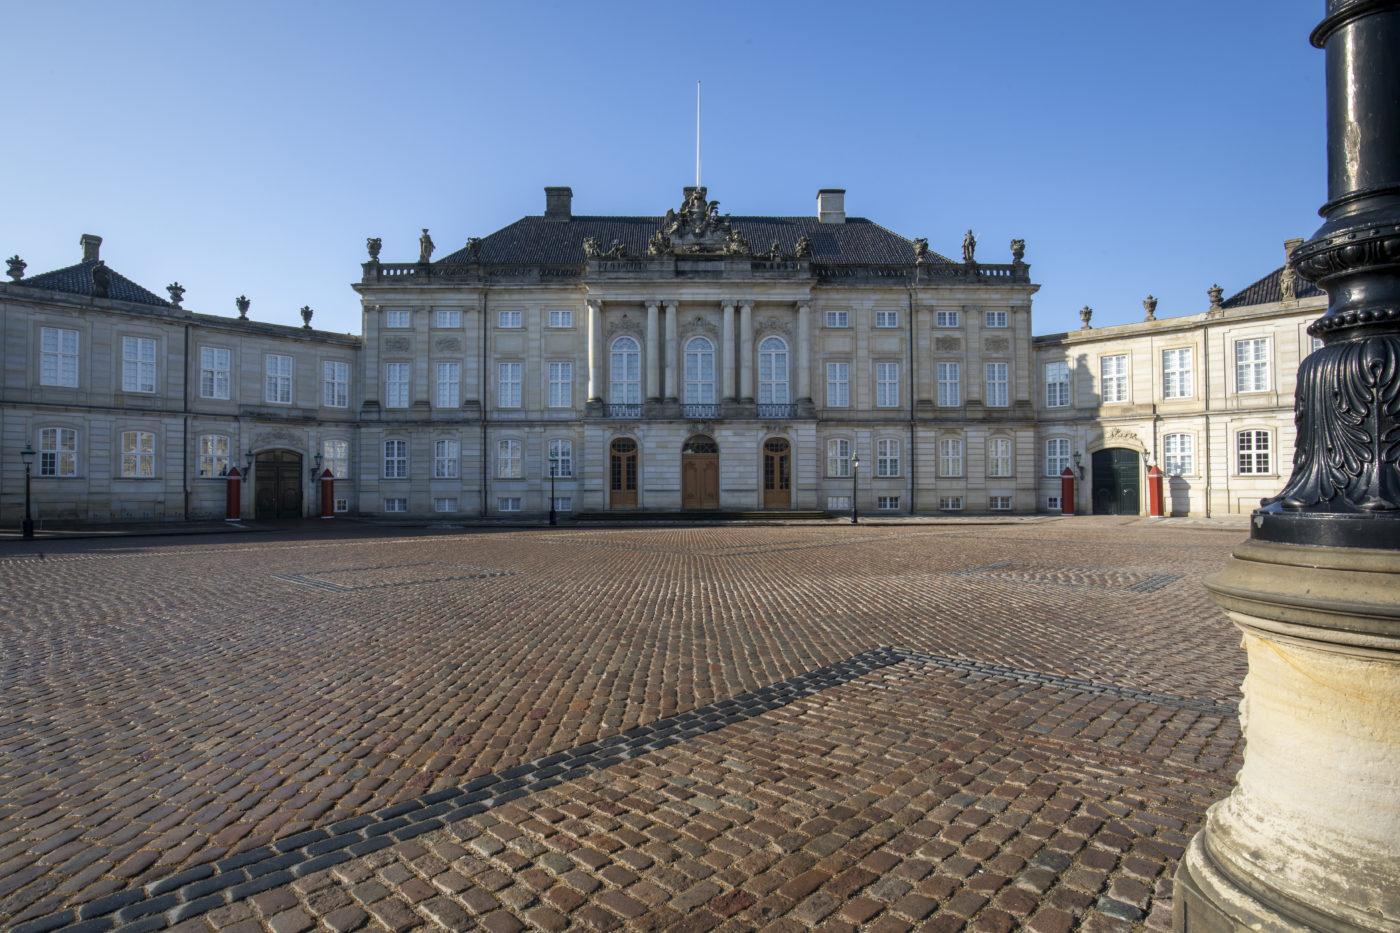 Amalienborg Palace exterior